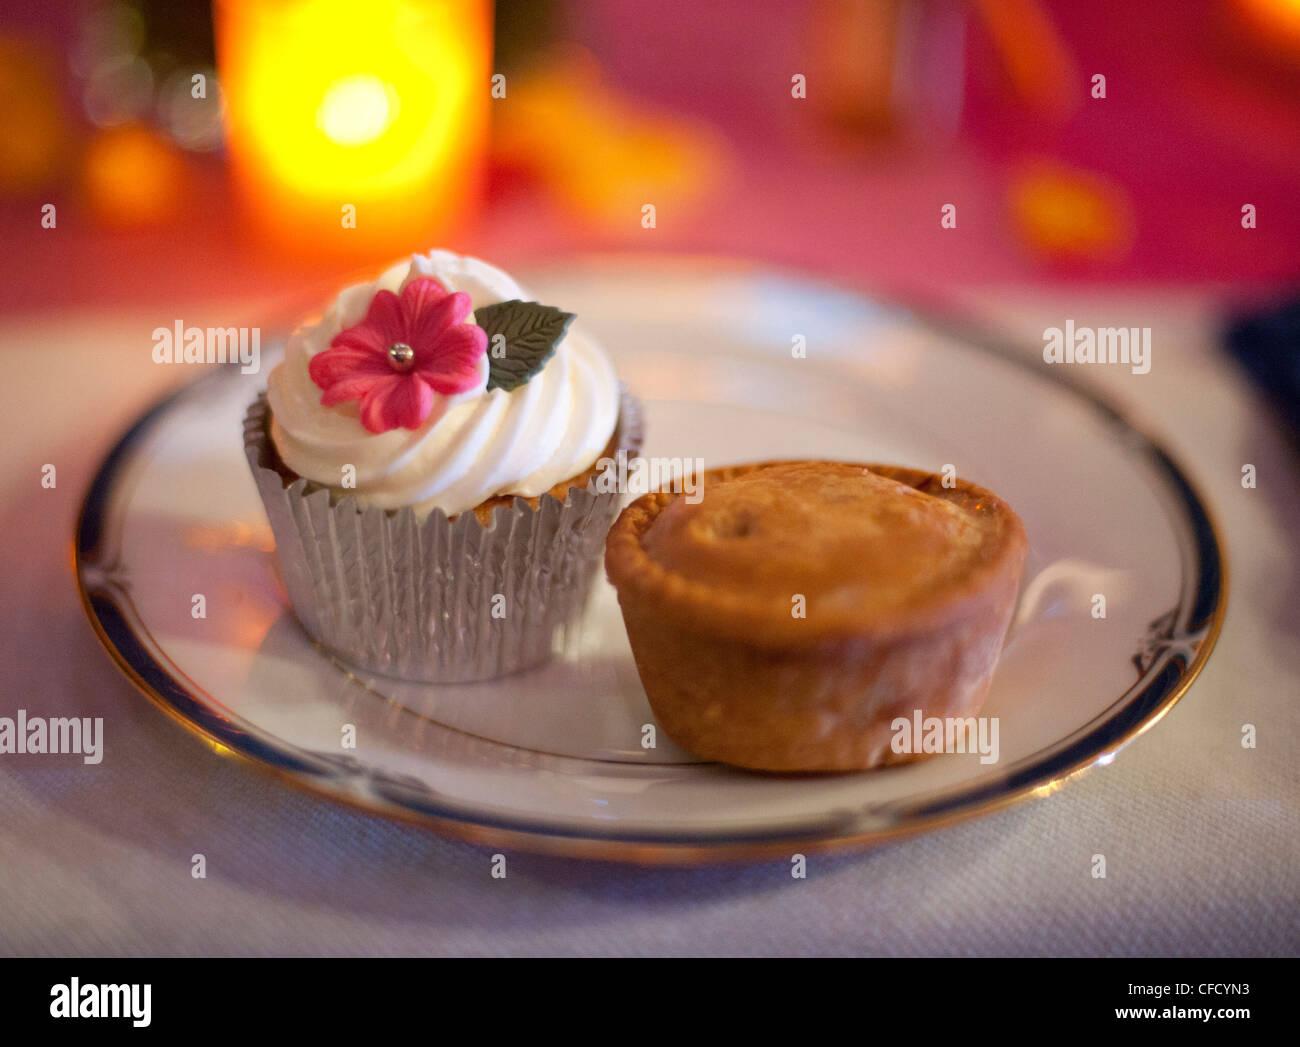 Eine Tasse Kuchen und Torte sitzen auf einem Teller, beleuchtet von einer Kerze mit flachen Fokus bei einer Hochzeit Stockbild